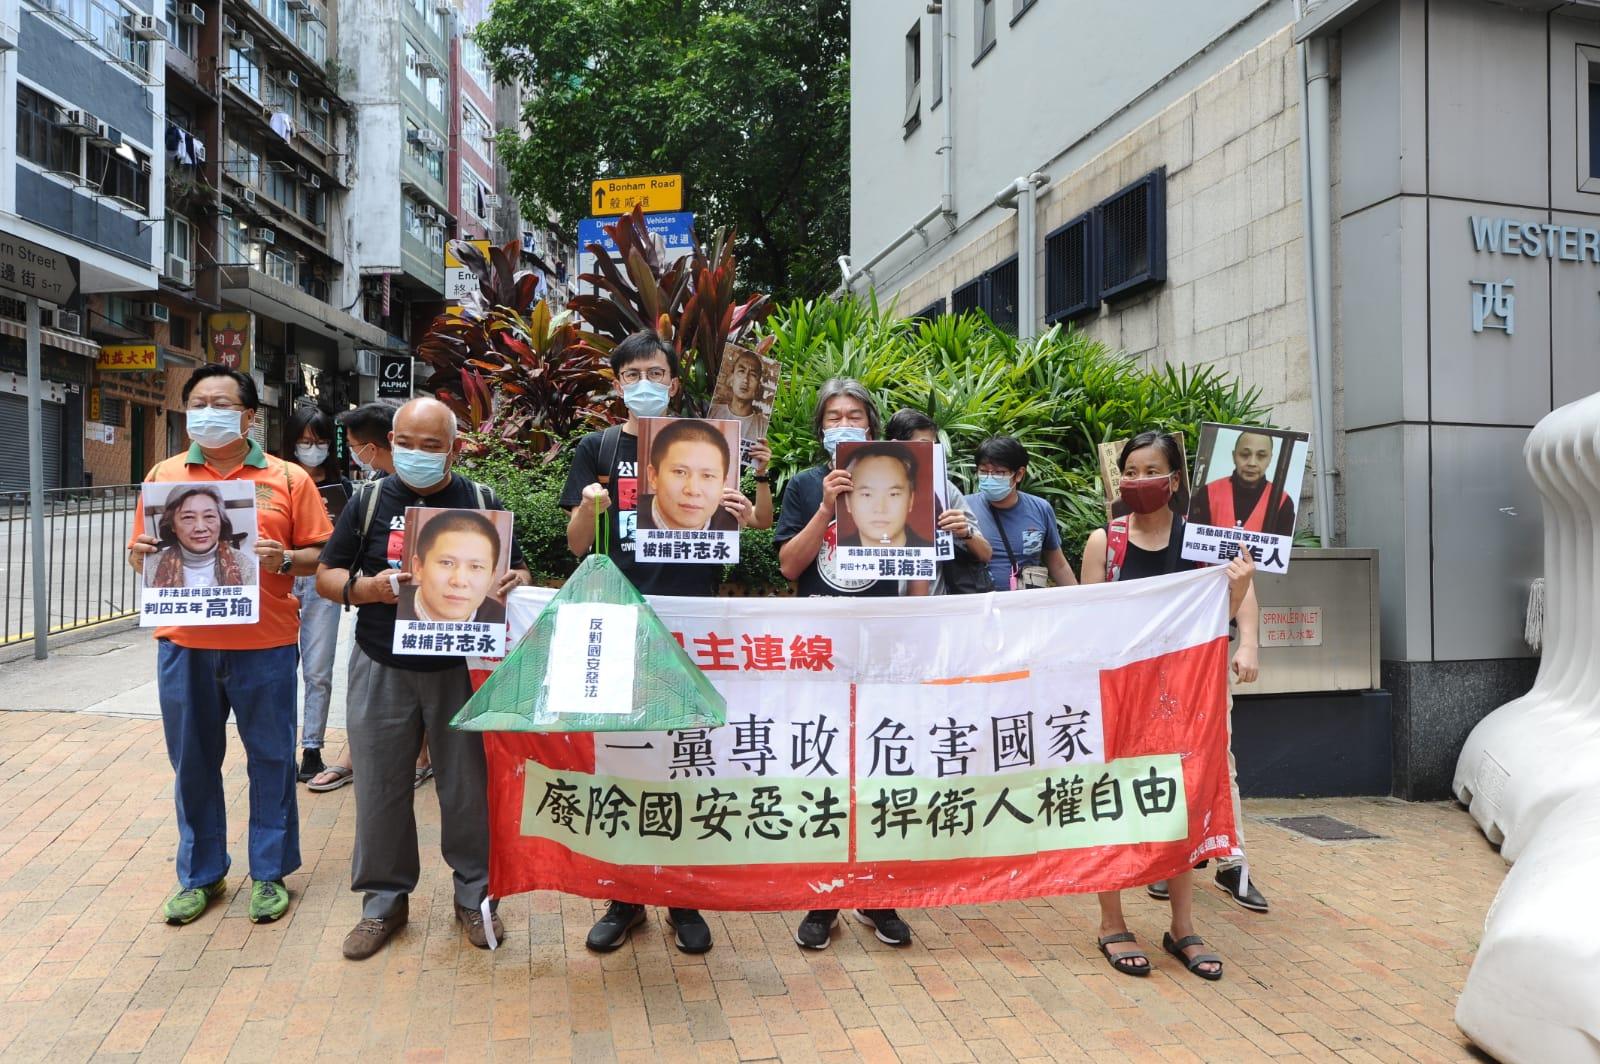 今日(2020年6月25日)是中國傳統節日端午節,社民連遊行至中聯辦抗議「港版國安法」。(宋碧龍/大紀元)